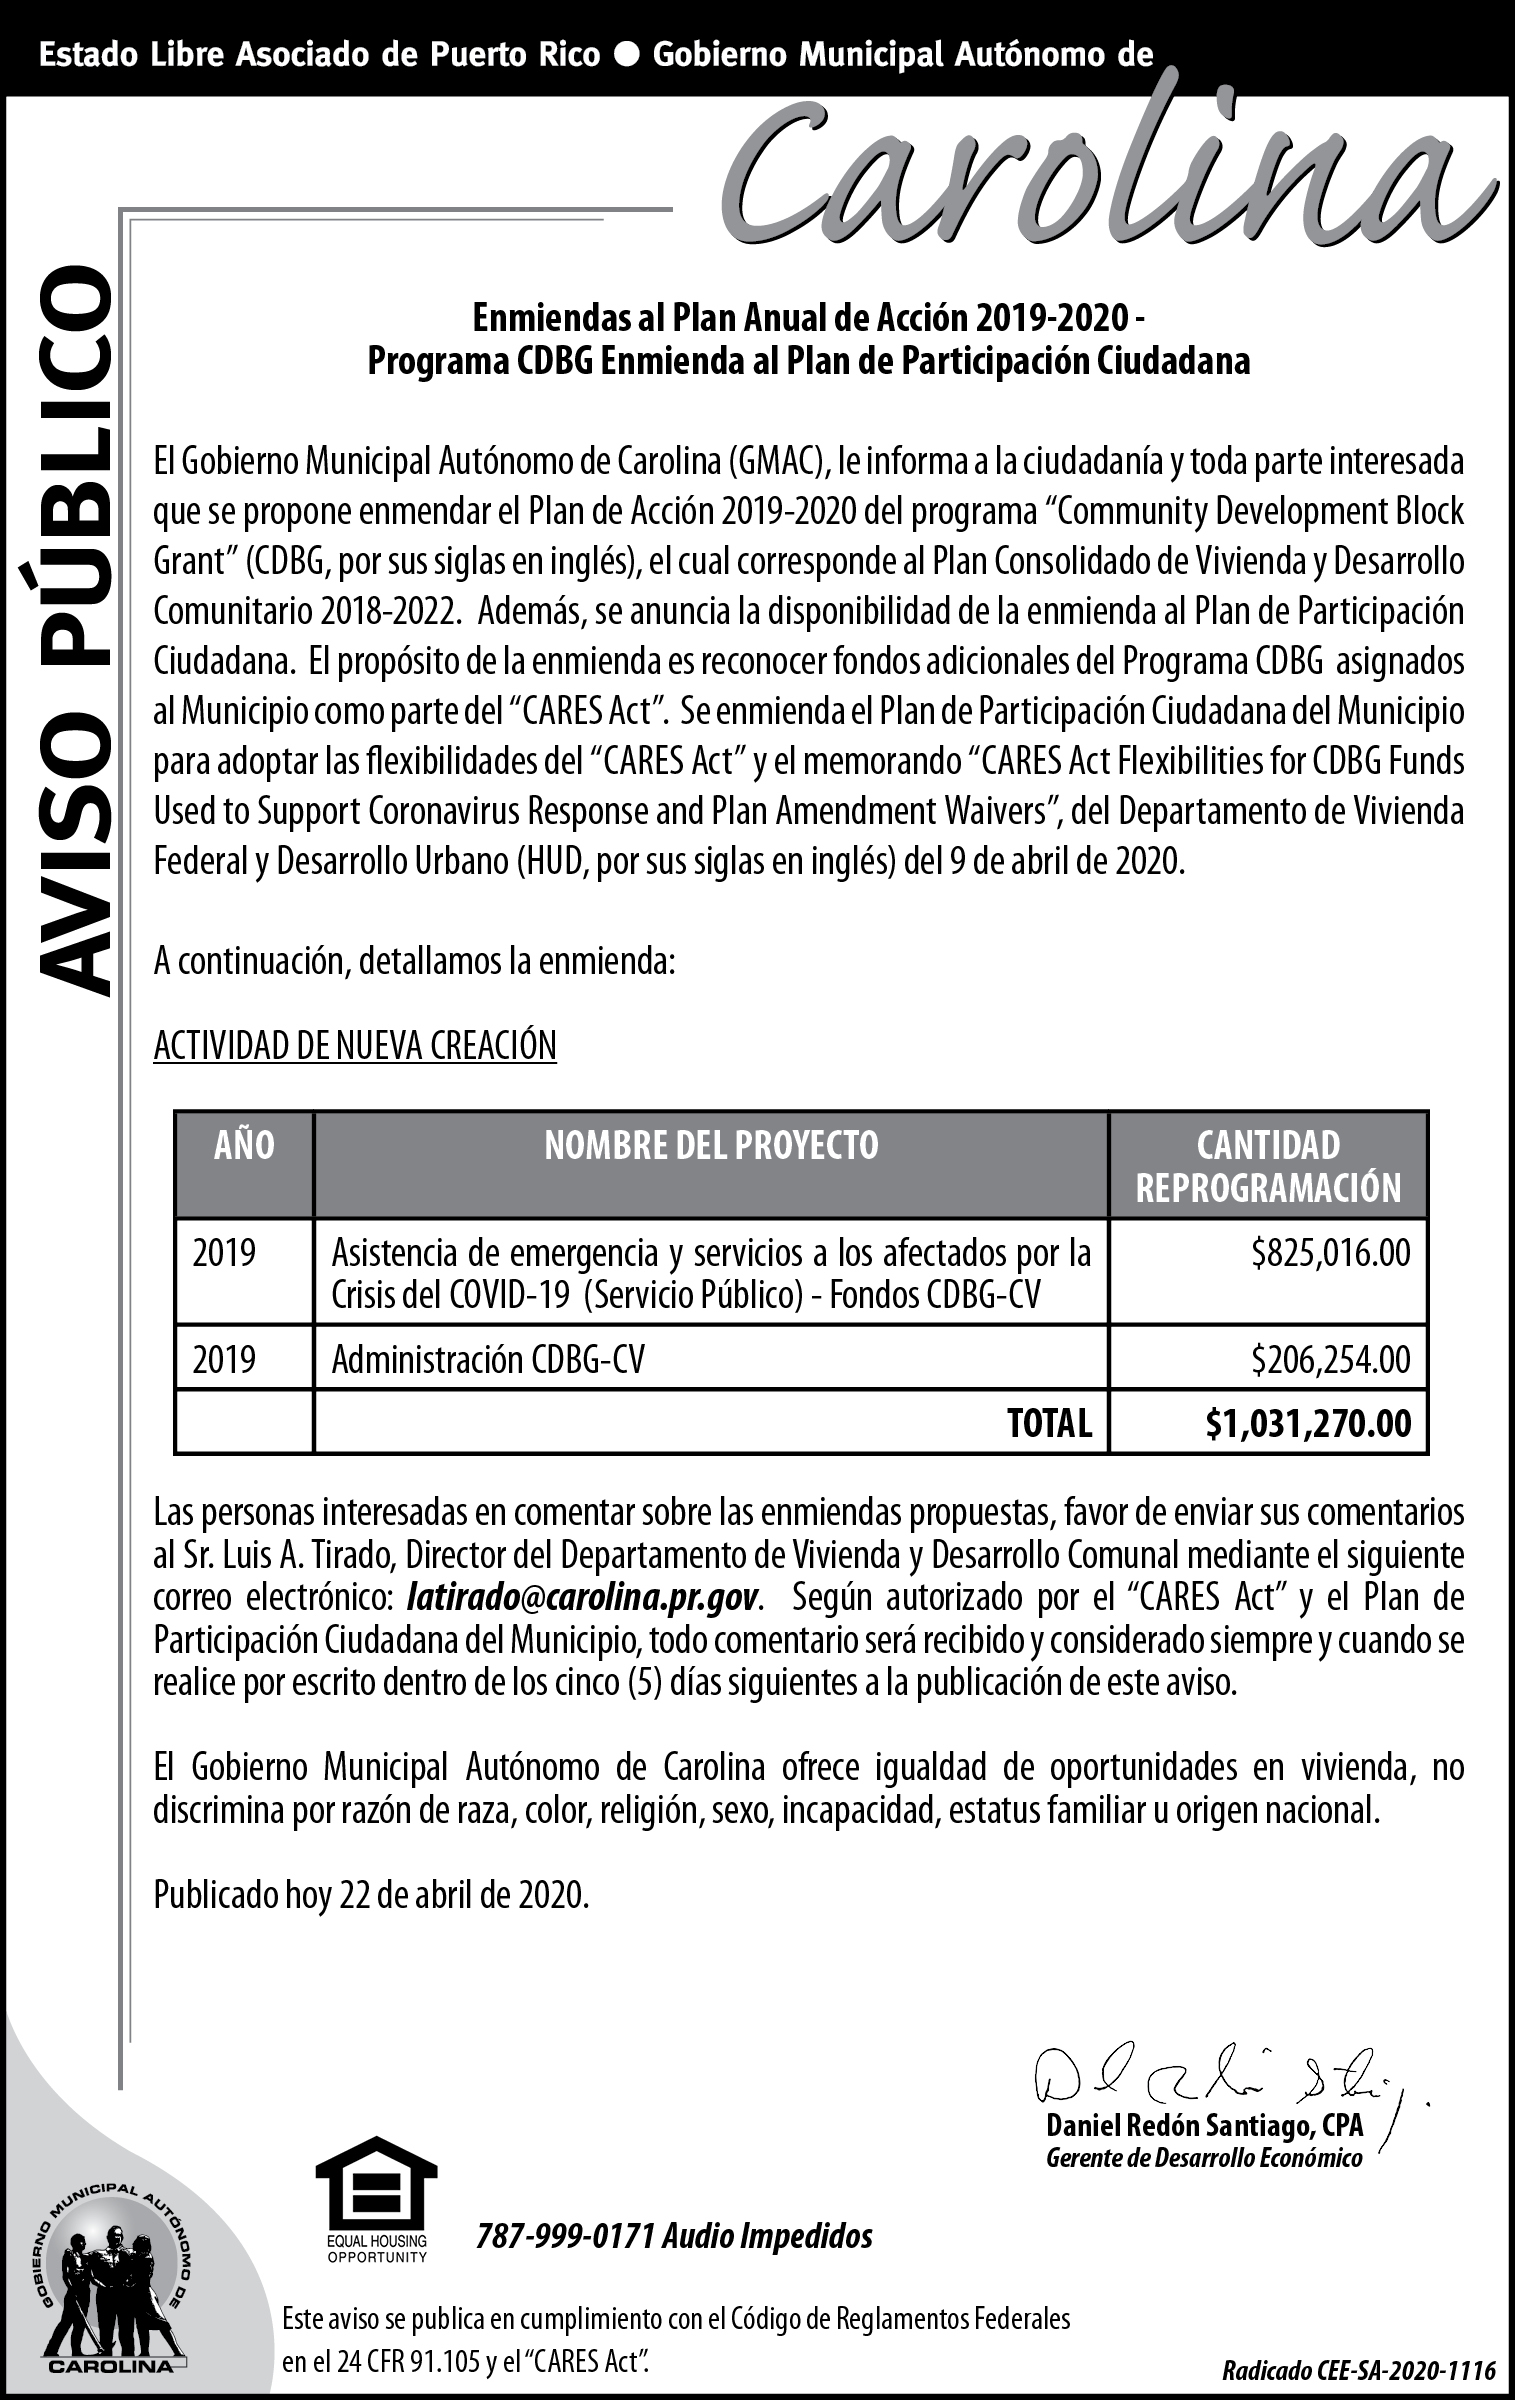 AVISO DE PUBLICO ENMIENDA AL PLAN ANUAL DE ACCION 2019 2020 CDBG (5.05 X 8 VOCERO)